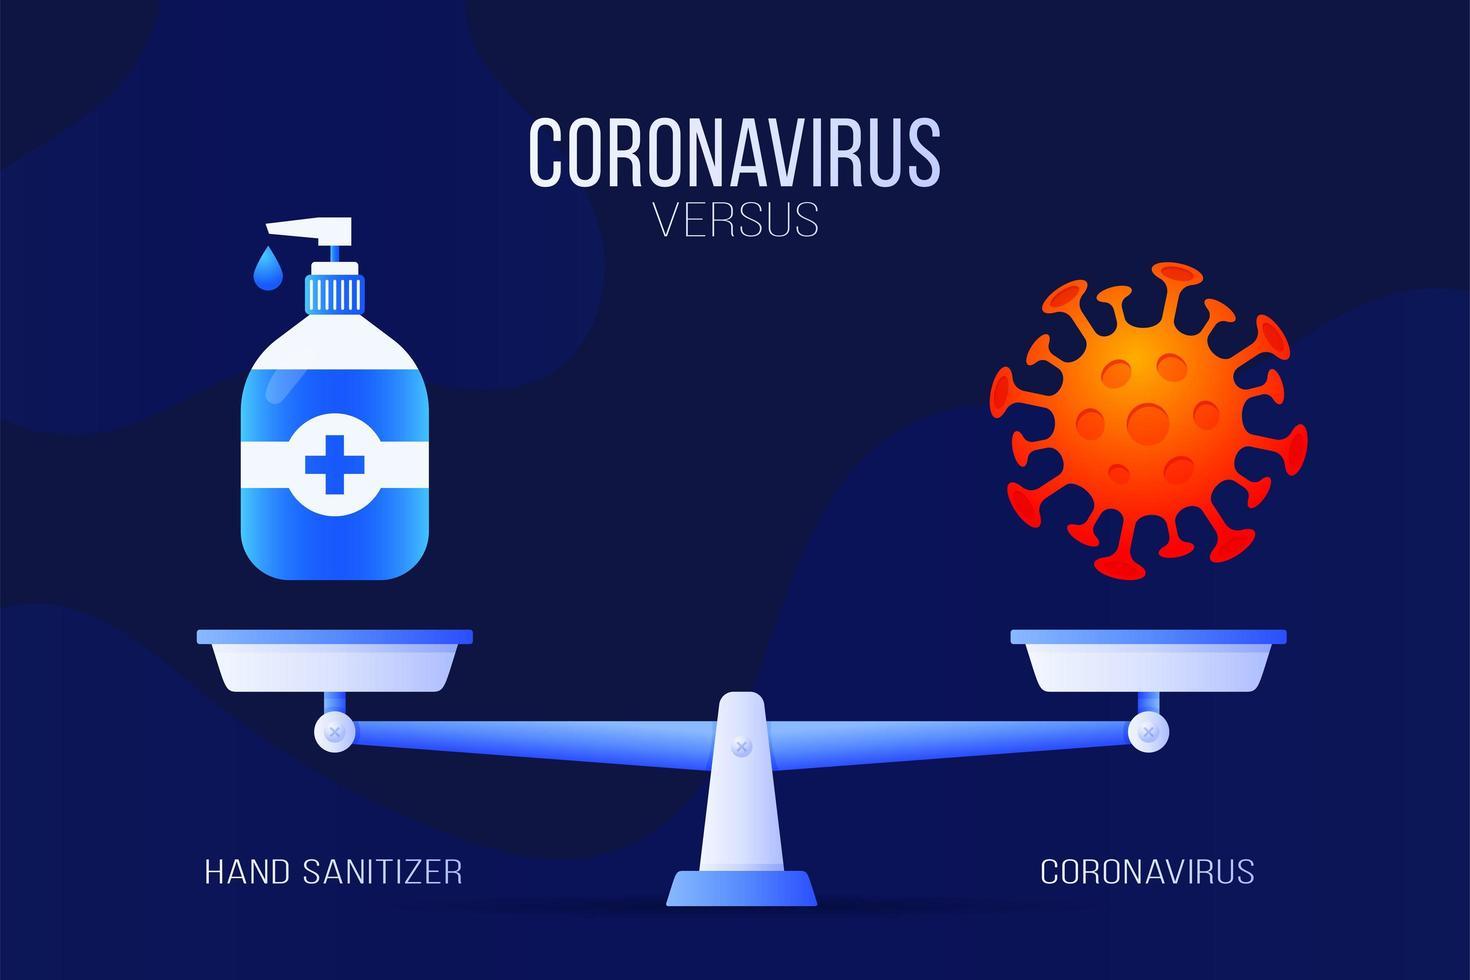 Coronavirus oder Händedesinfektionsmittel-Vektorillustration. kreatives Konzept von Skalen und Versus, auf einer Seite der Skala befindet sich ein Virus covid-19 und auf der anderen Seite ein Desinfektionssymbol. flache Vektorillustration. vektor